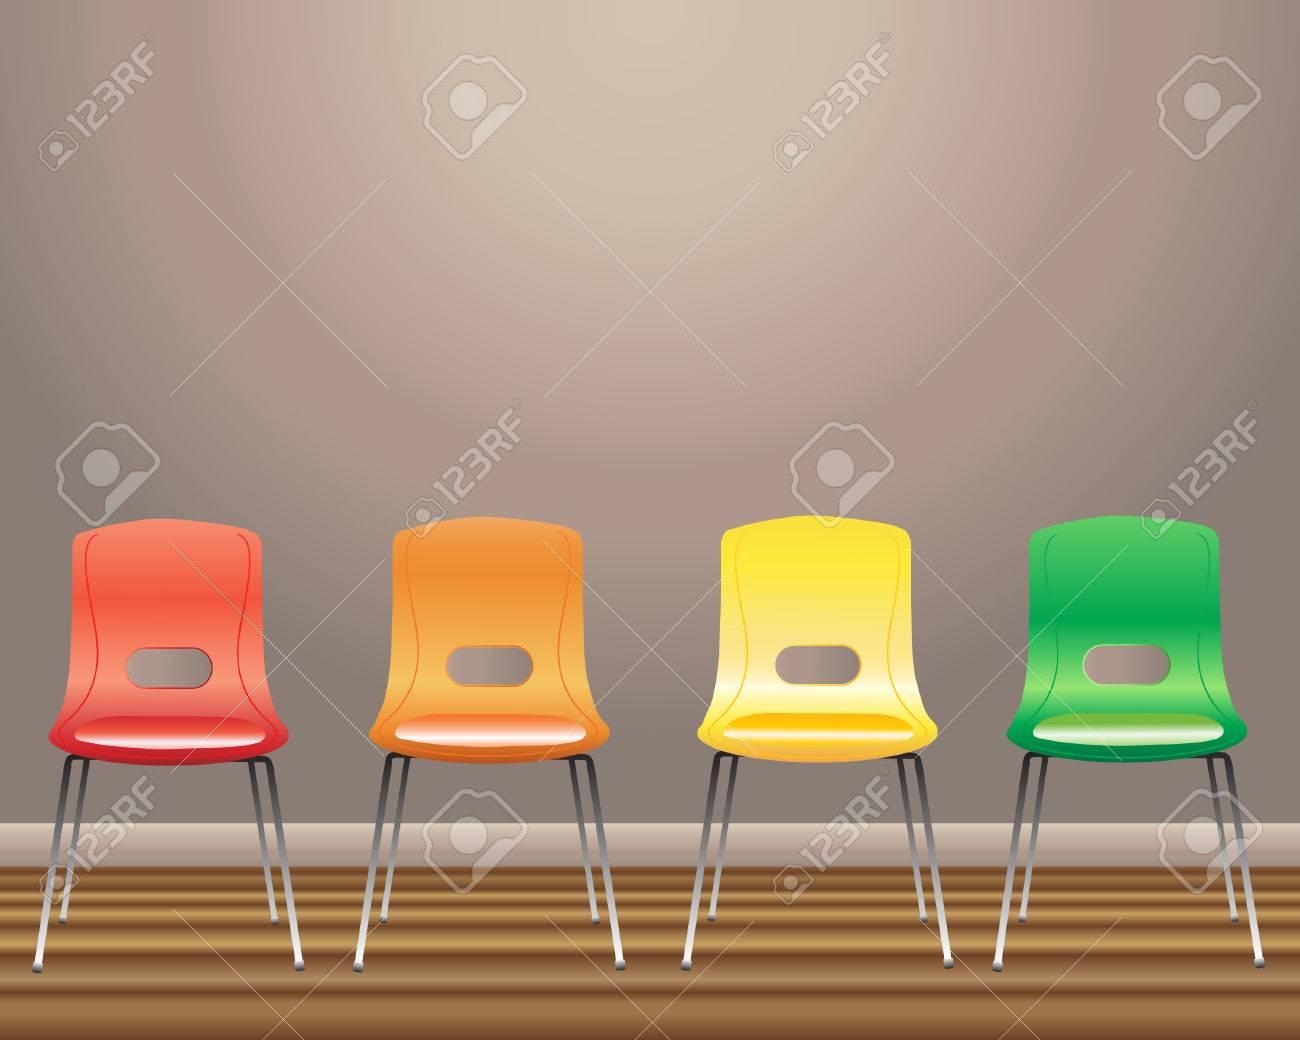 Une illustration de quatre chaises de salle d'attente en rouge ...